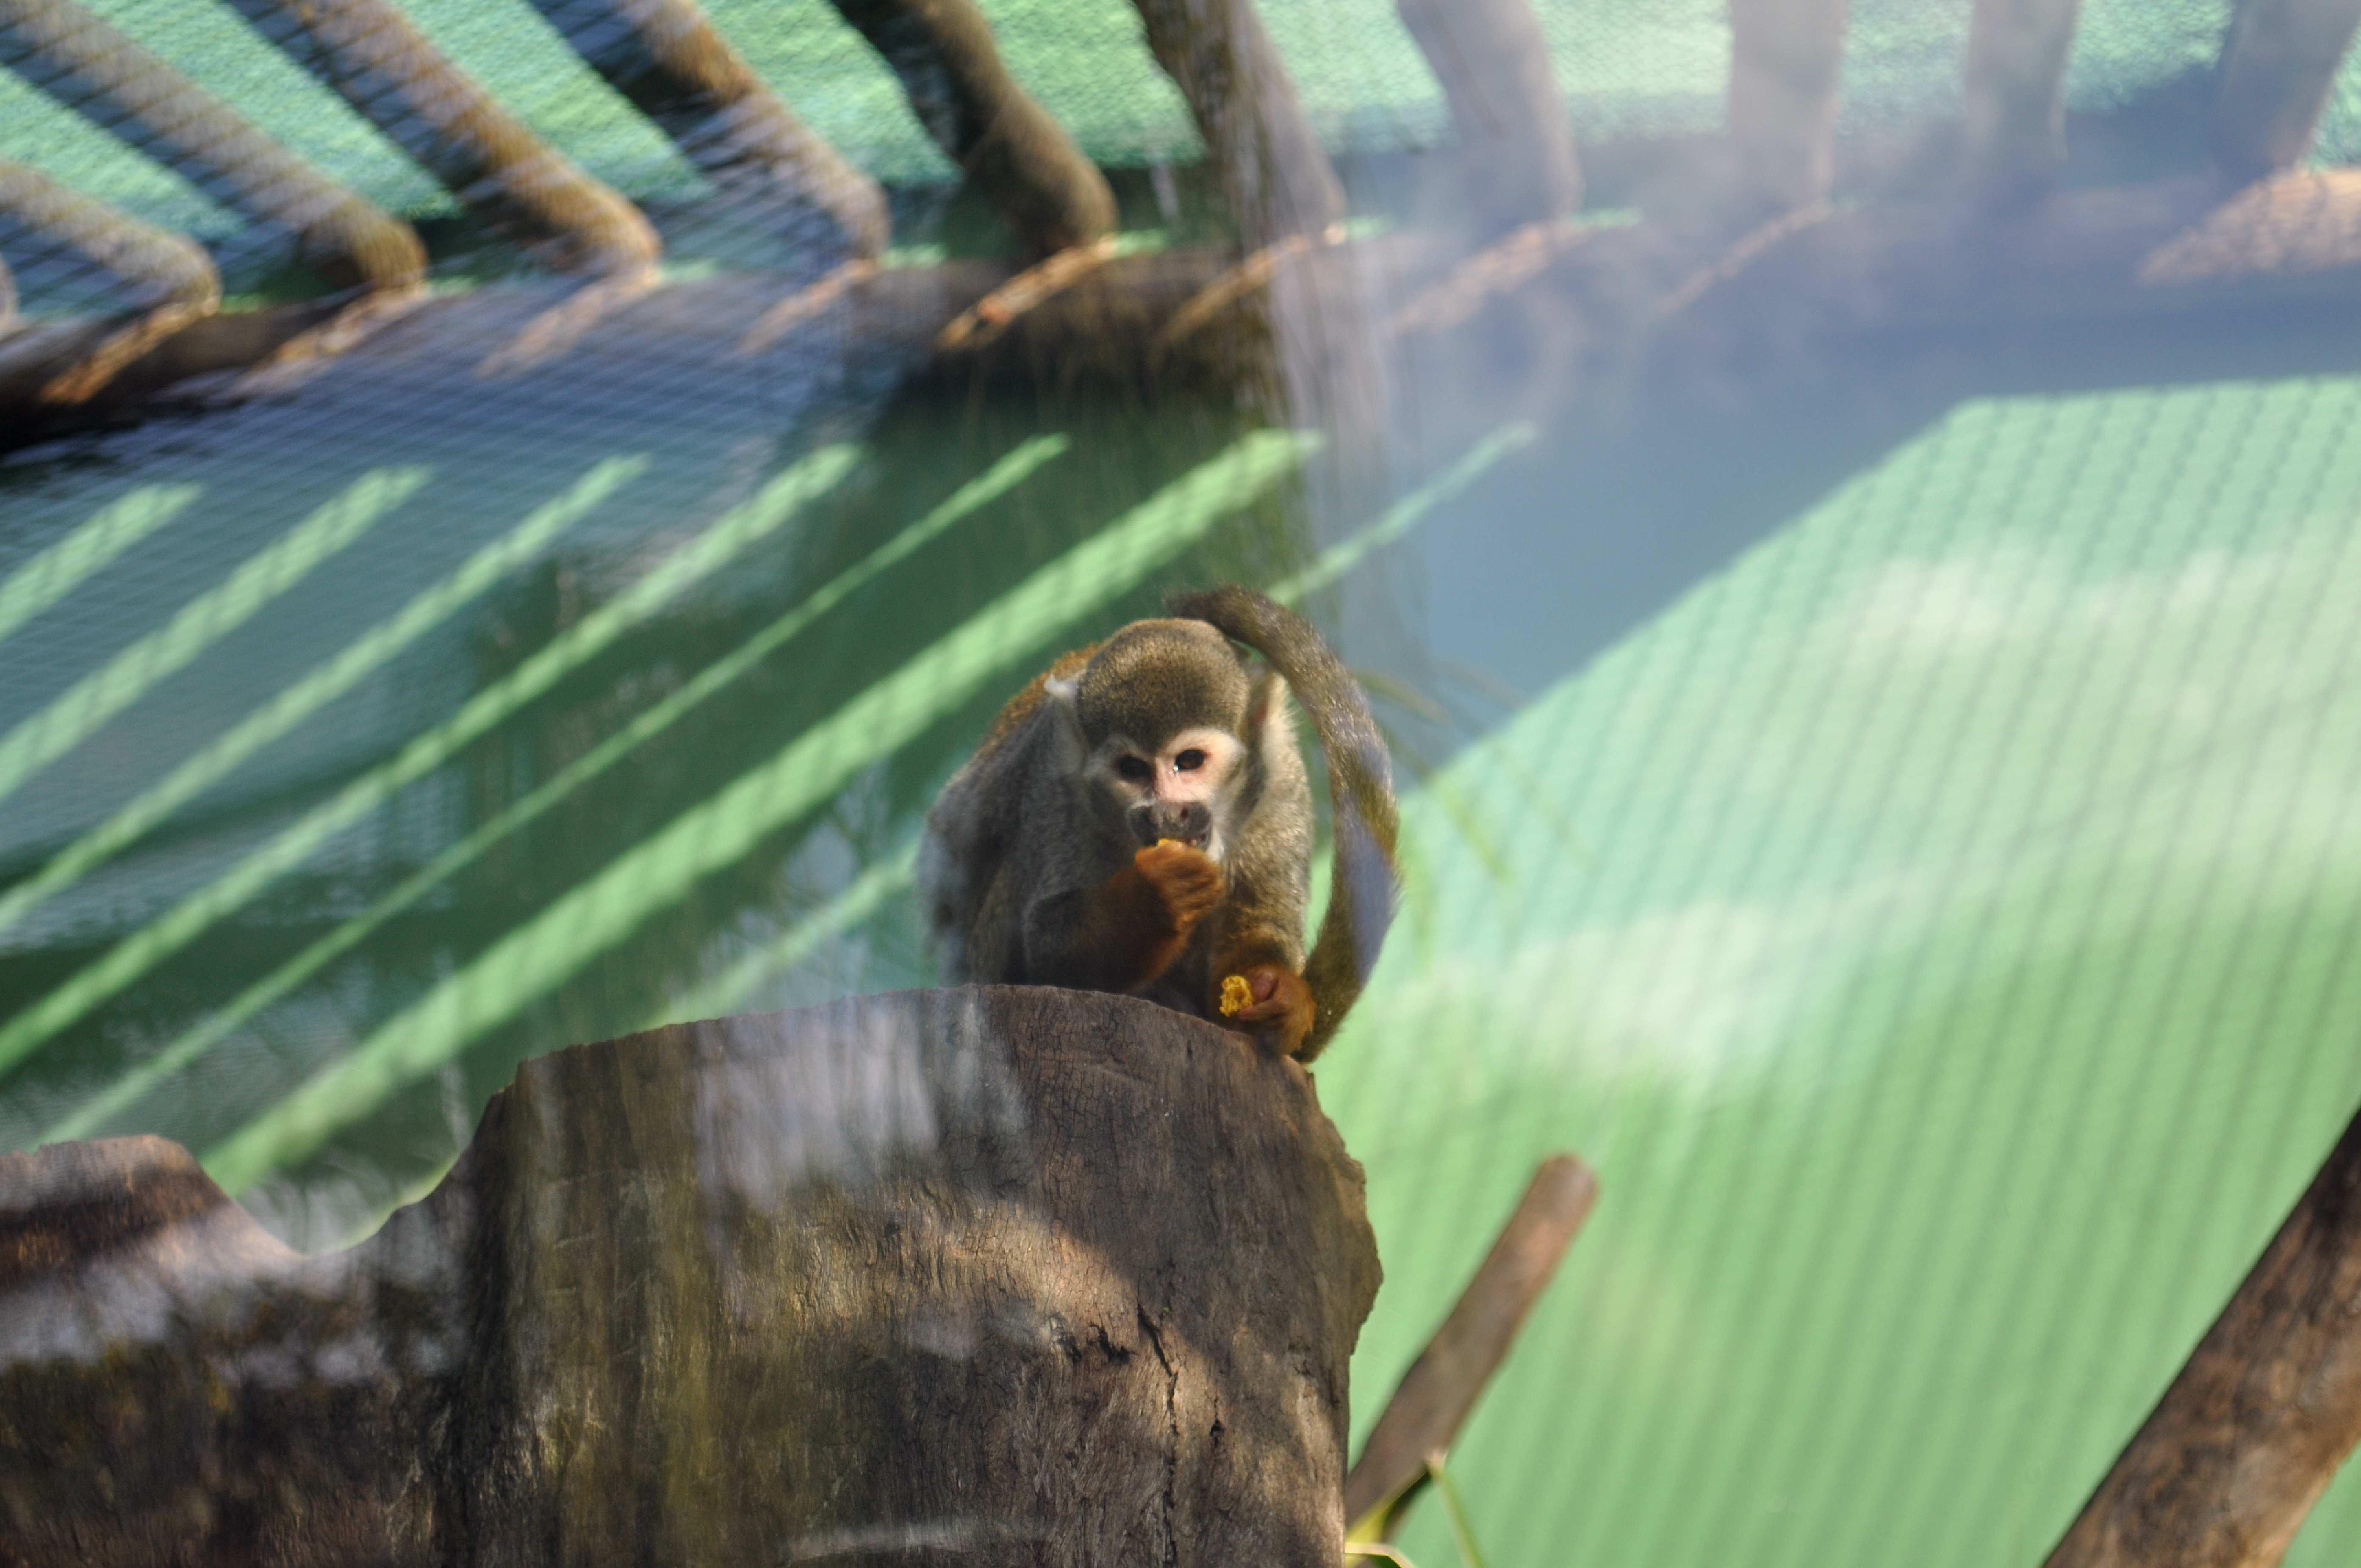 Free photograph; monkey, zoo, eating, fruit